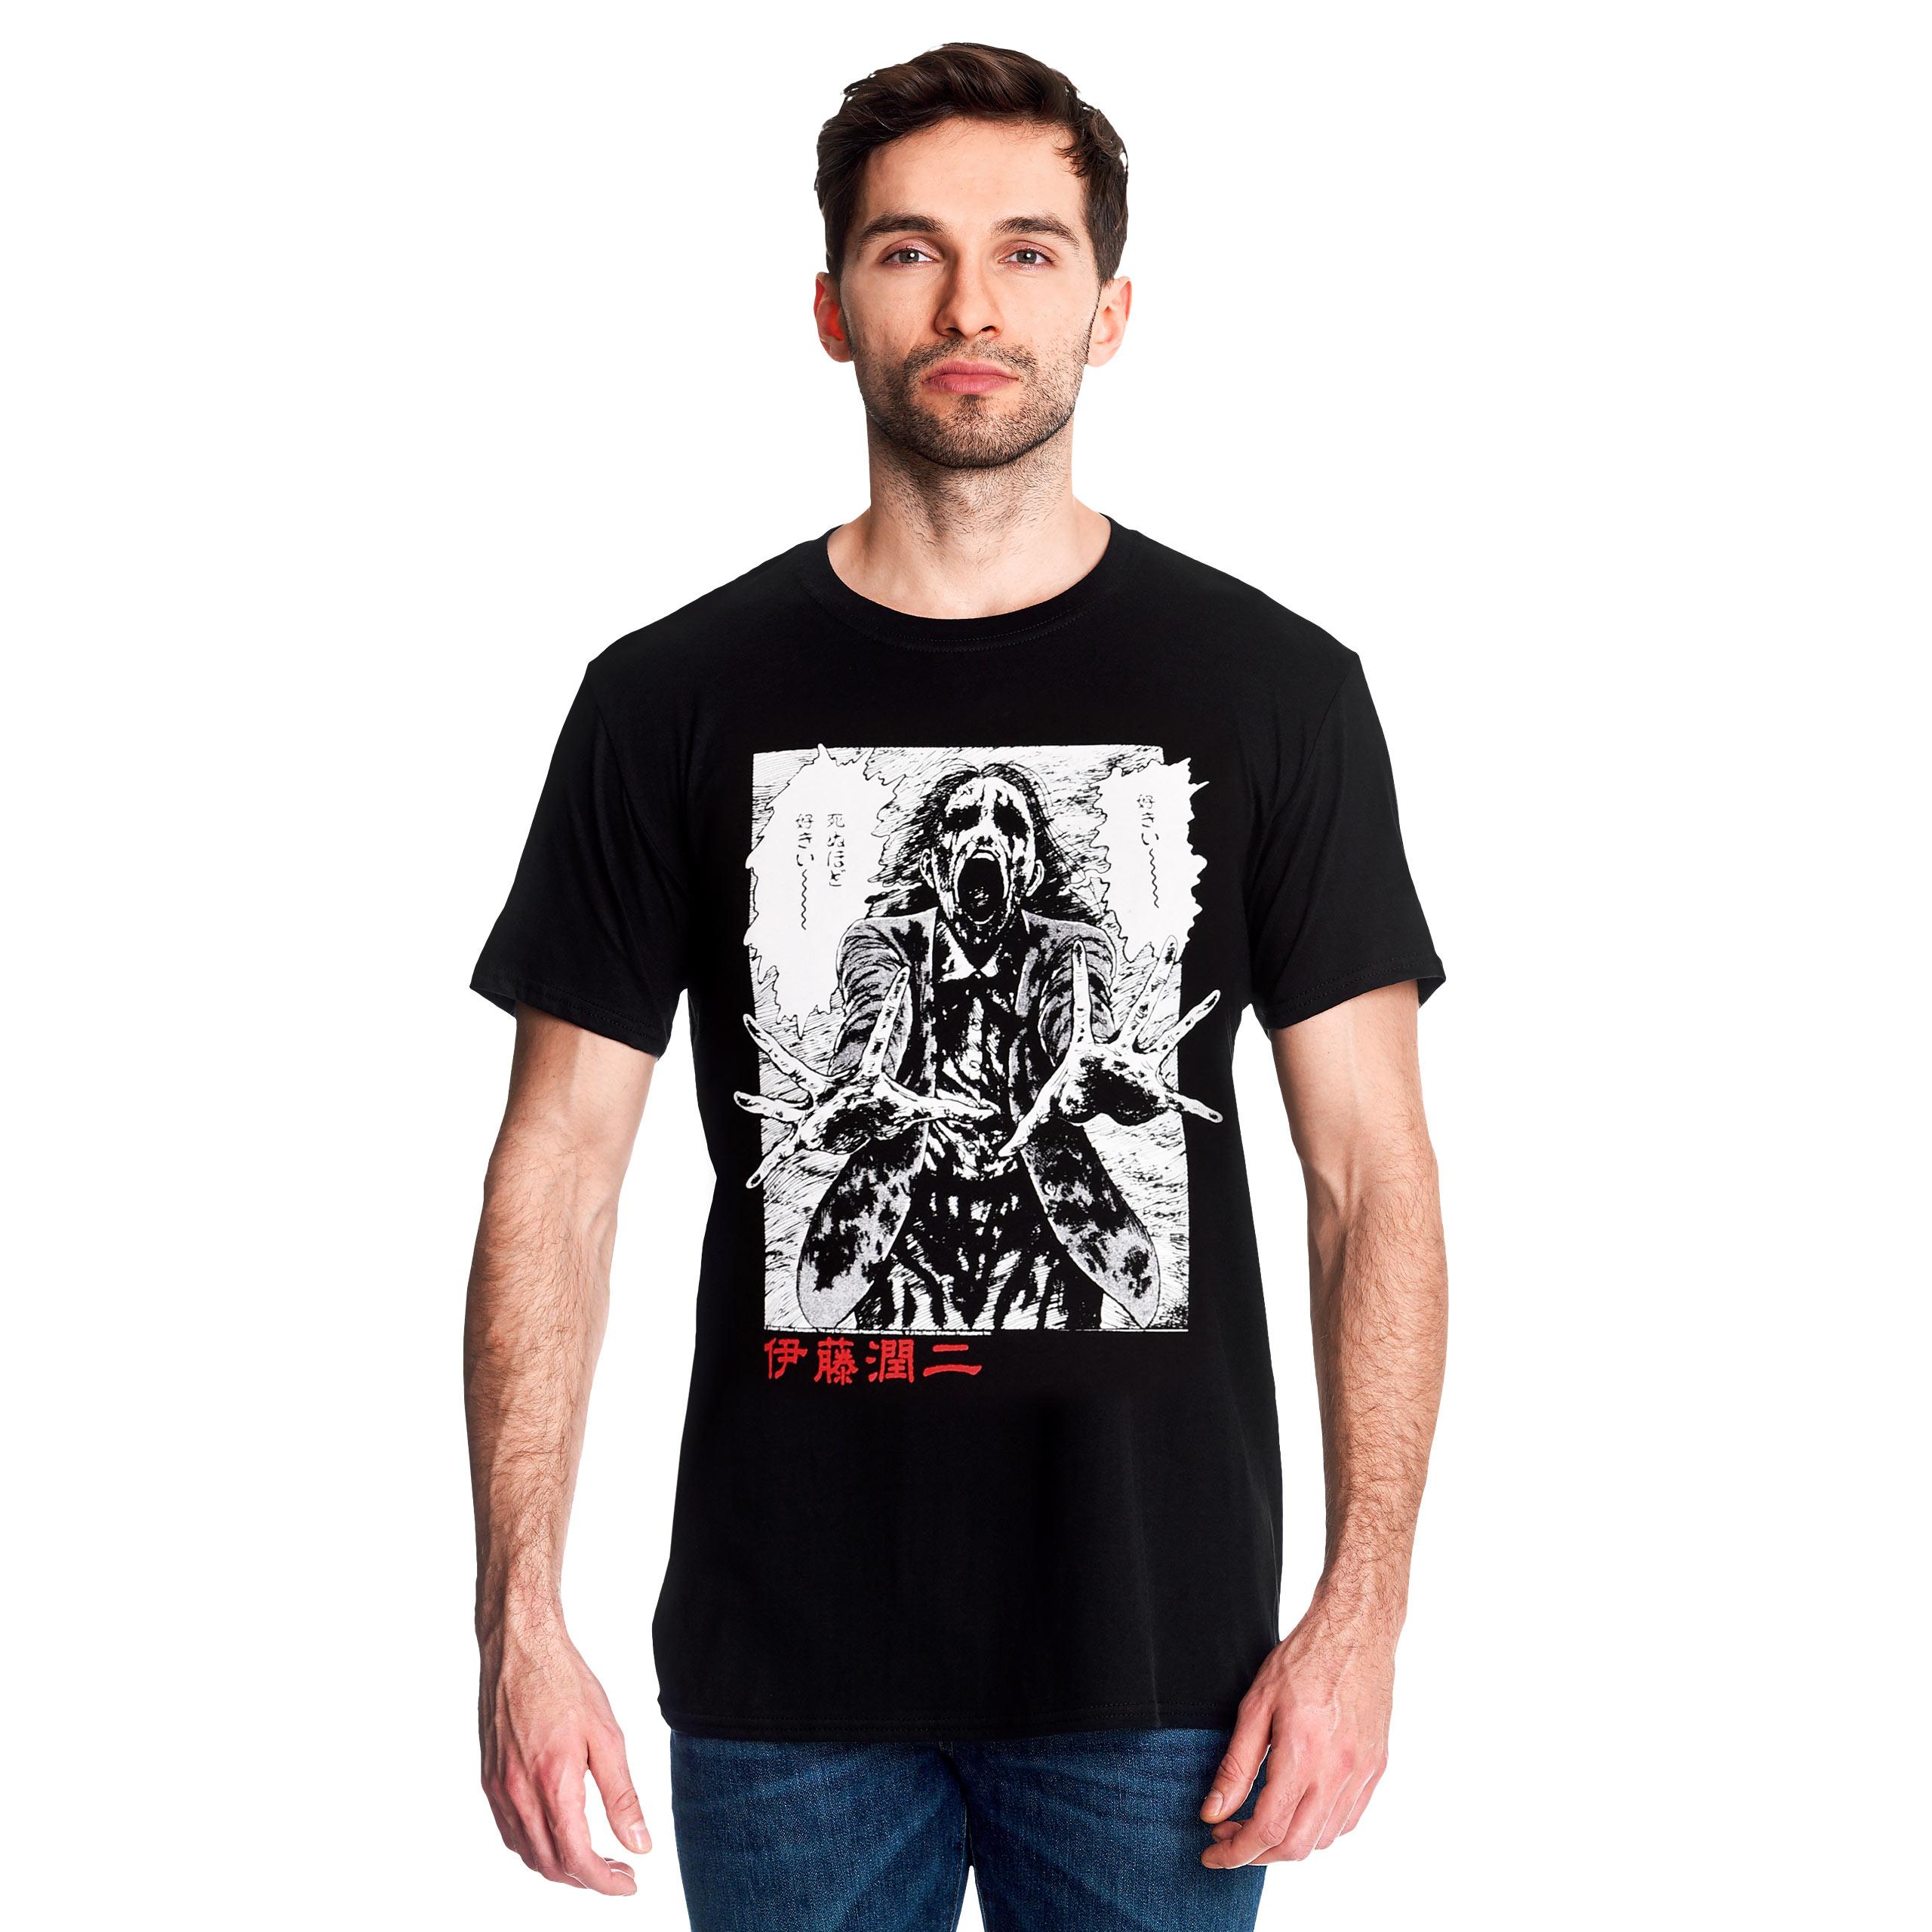 Junji Ito - Ghoul T-Shirt schwarz